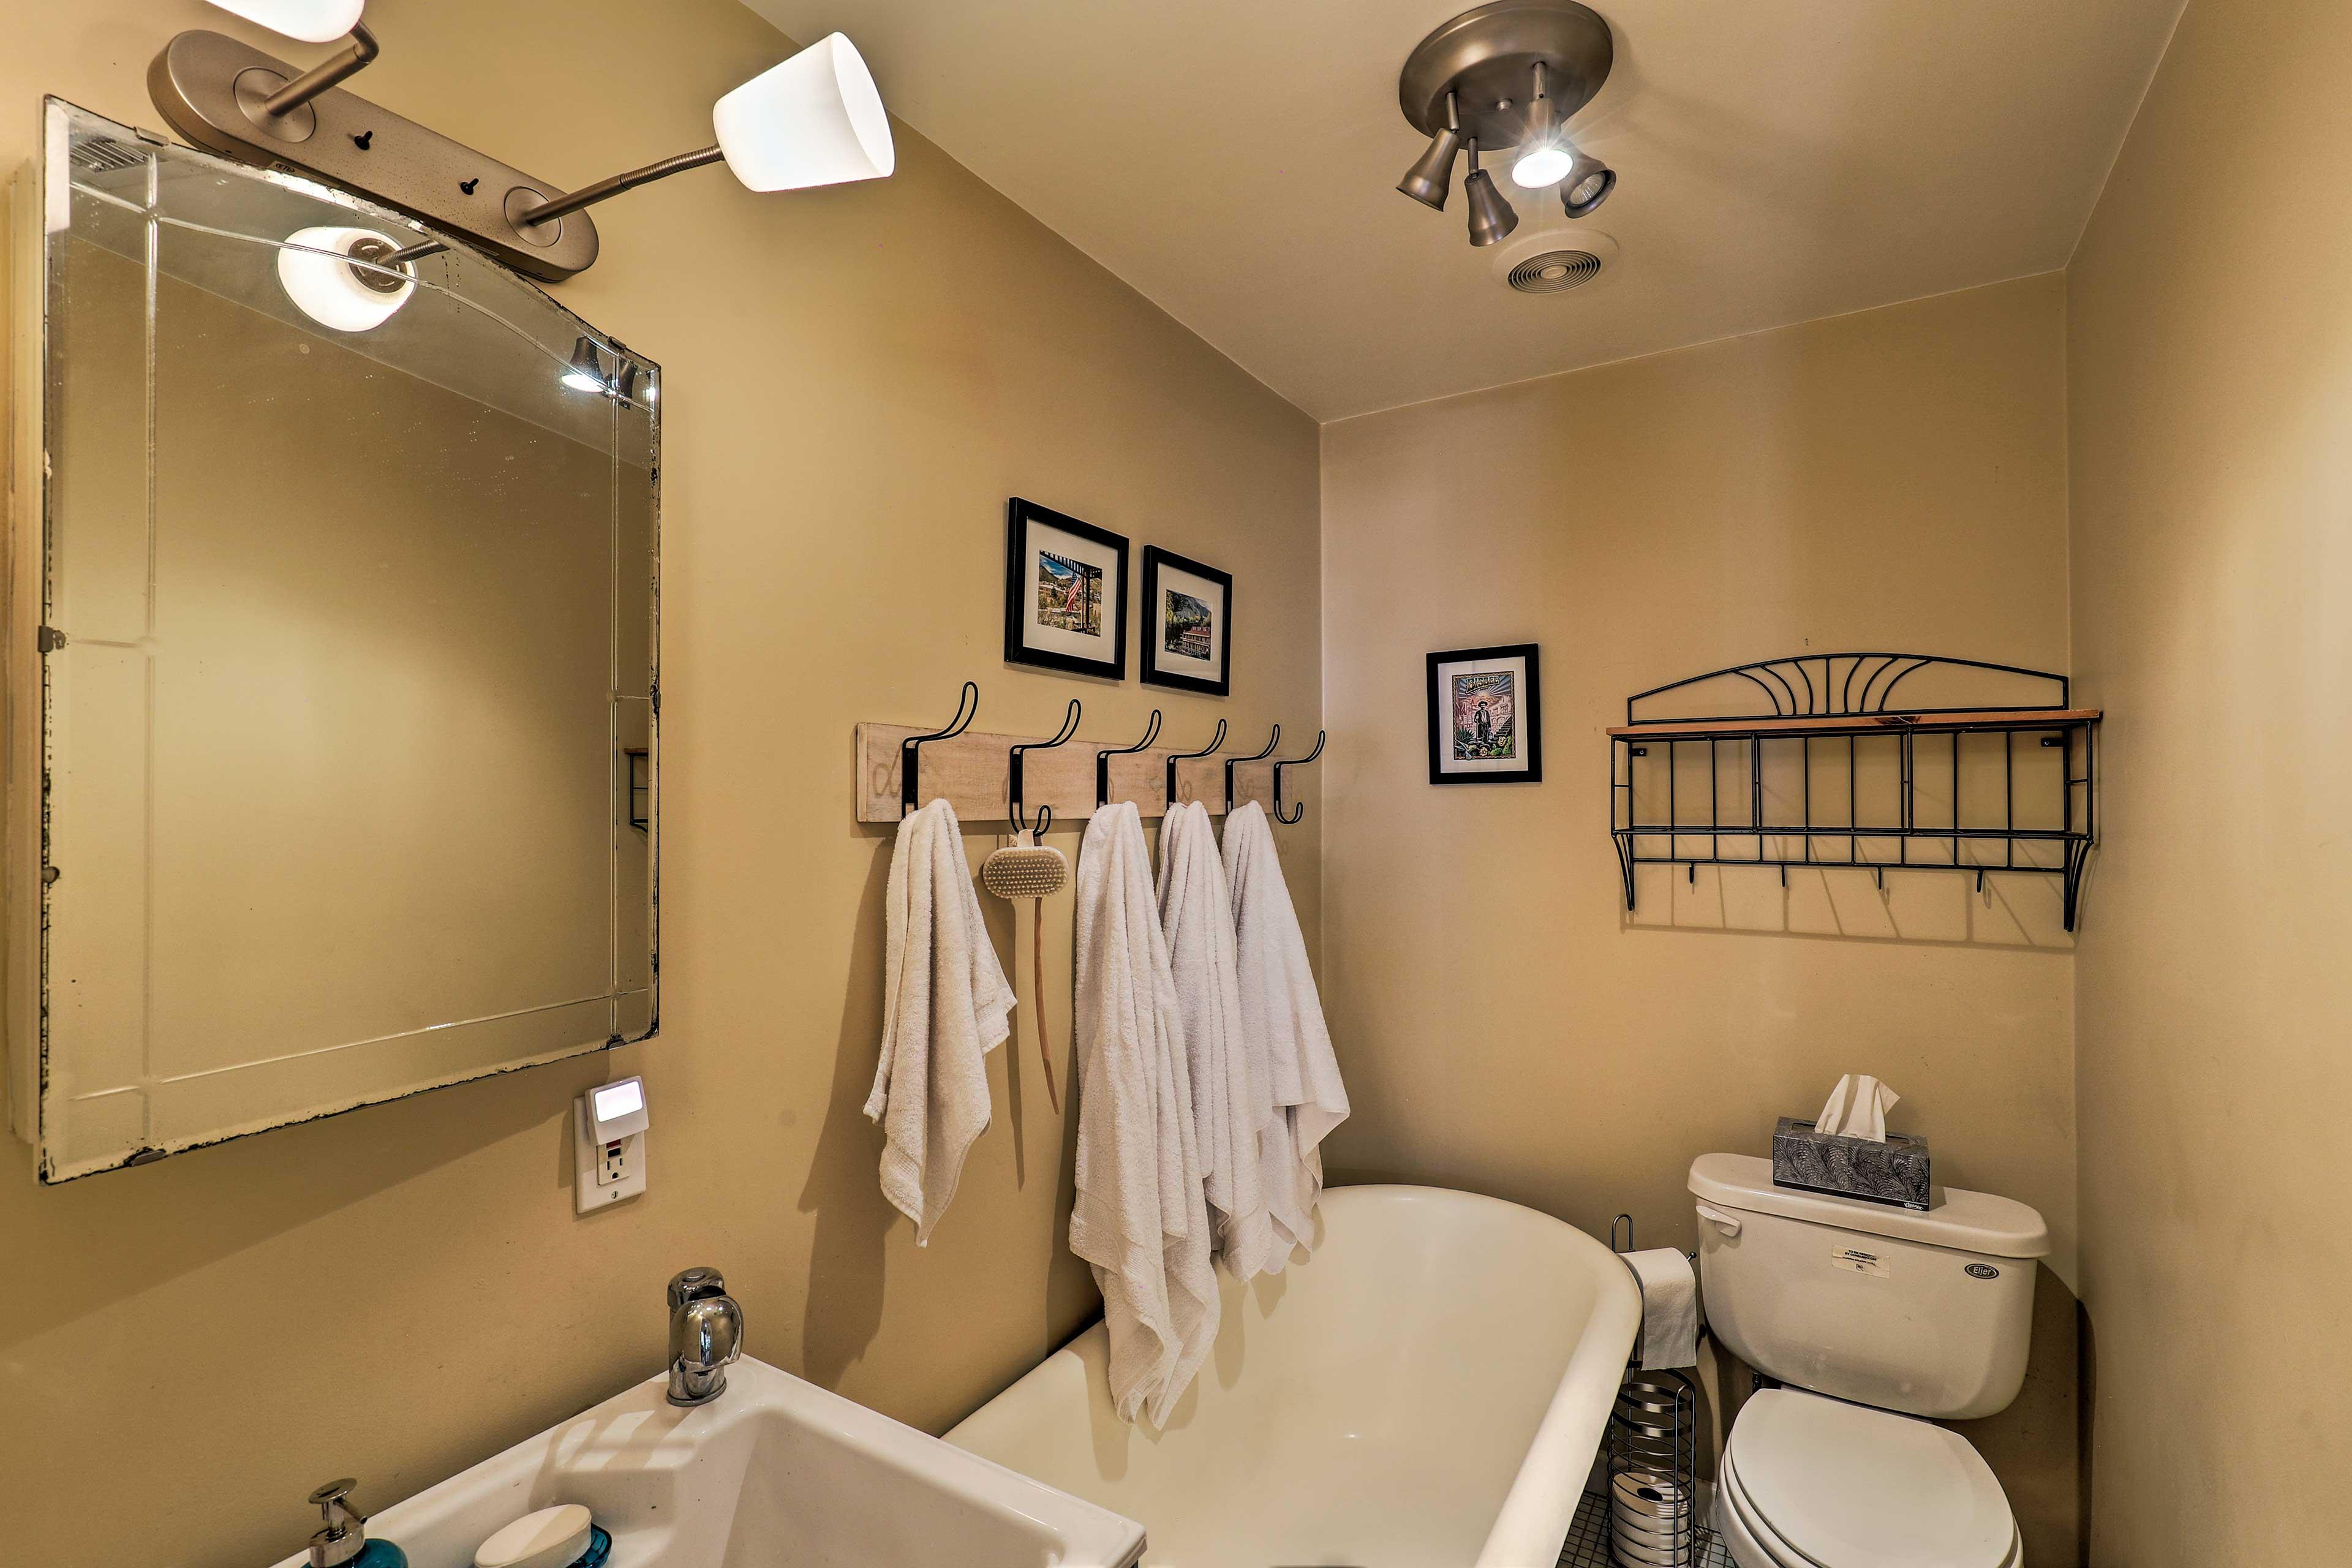 Take a bath in the clawfoot tub.